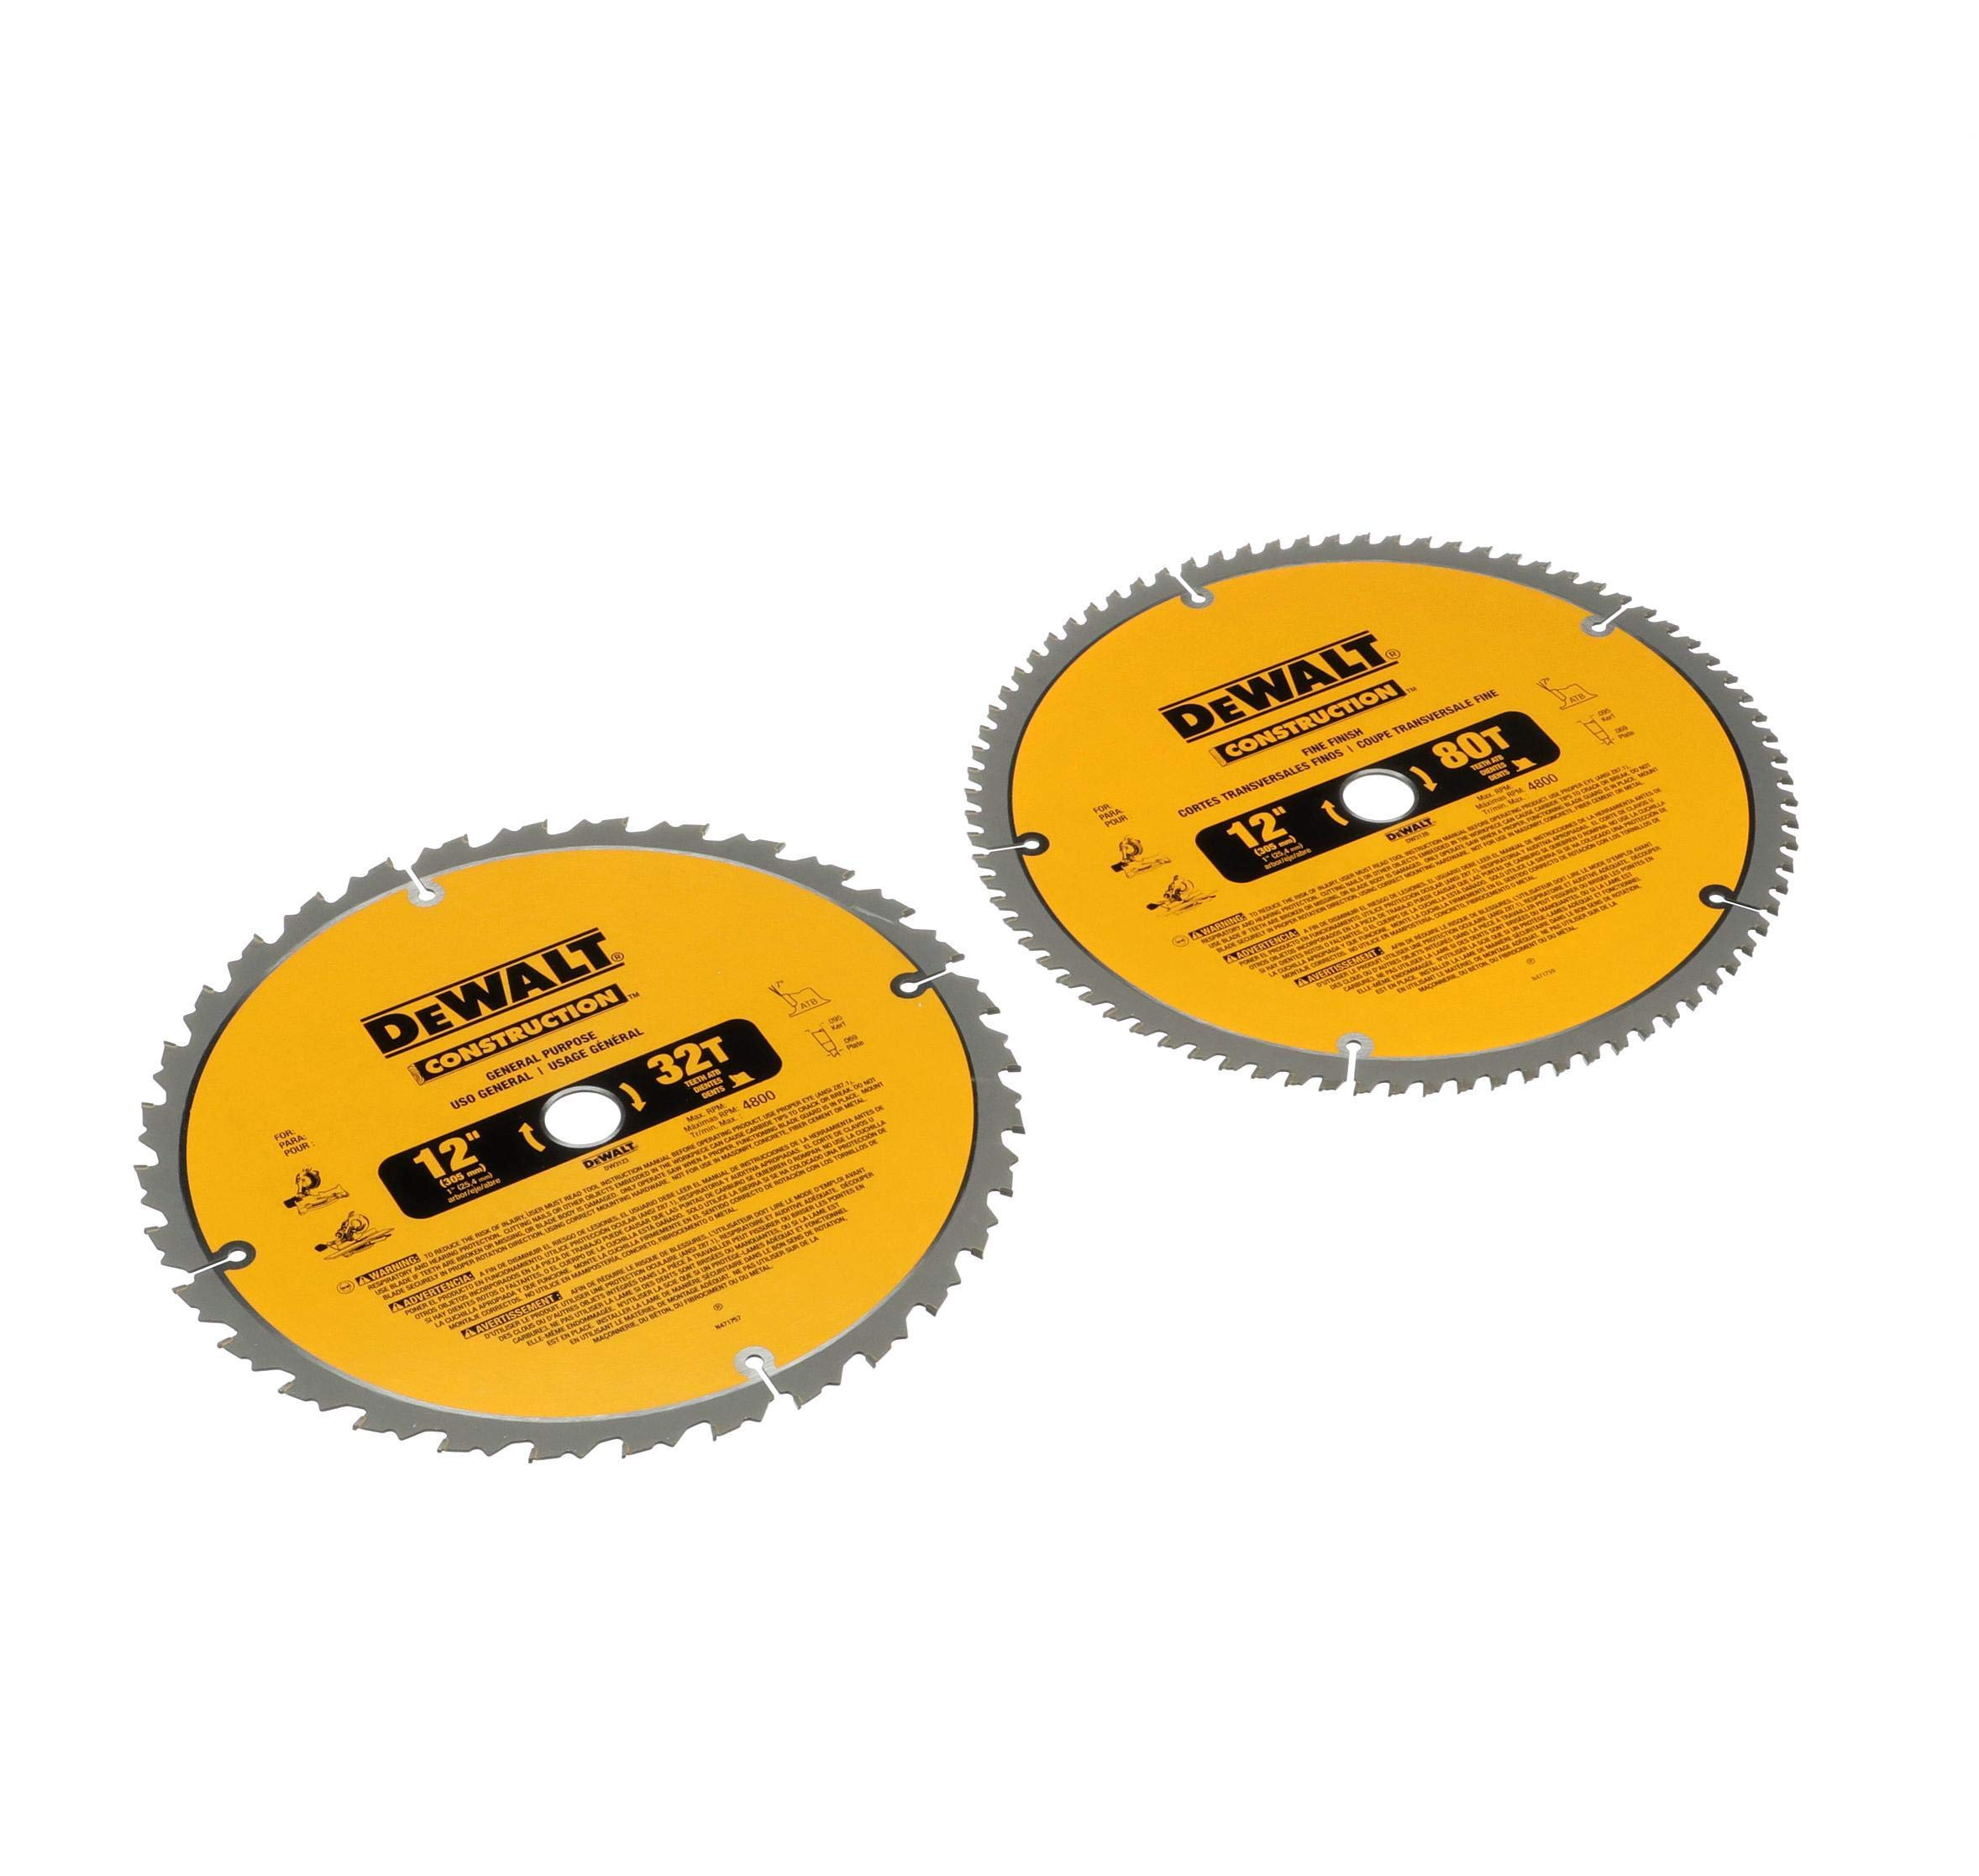 DEWALT DW3128P5 80-Tooth 12 in. Crosscutting Tungsten Carbide Miter Saw Blade - 2 Pack by DEWALT